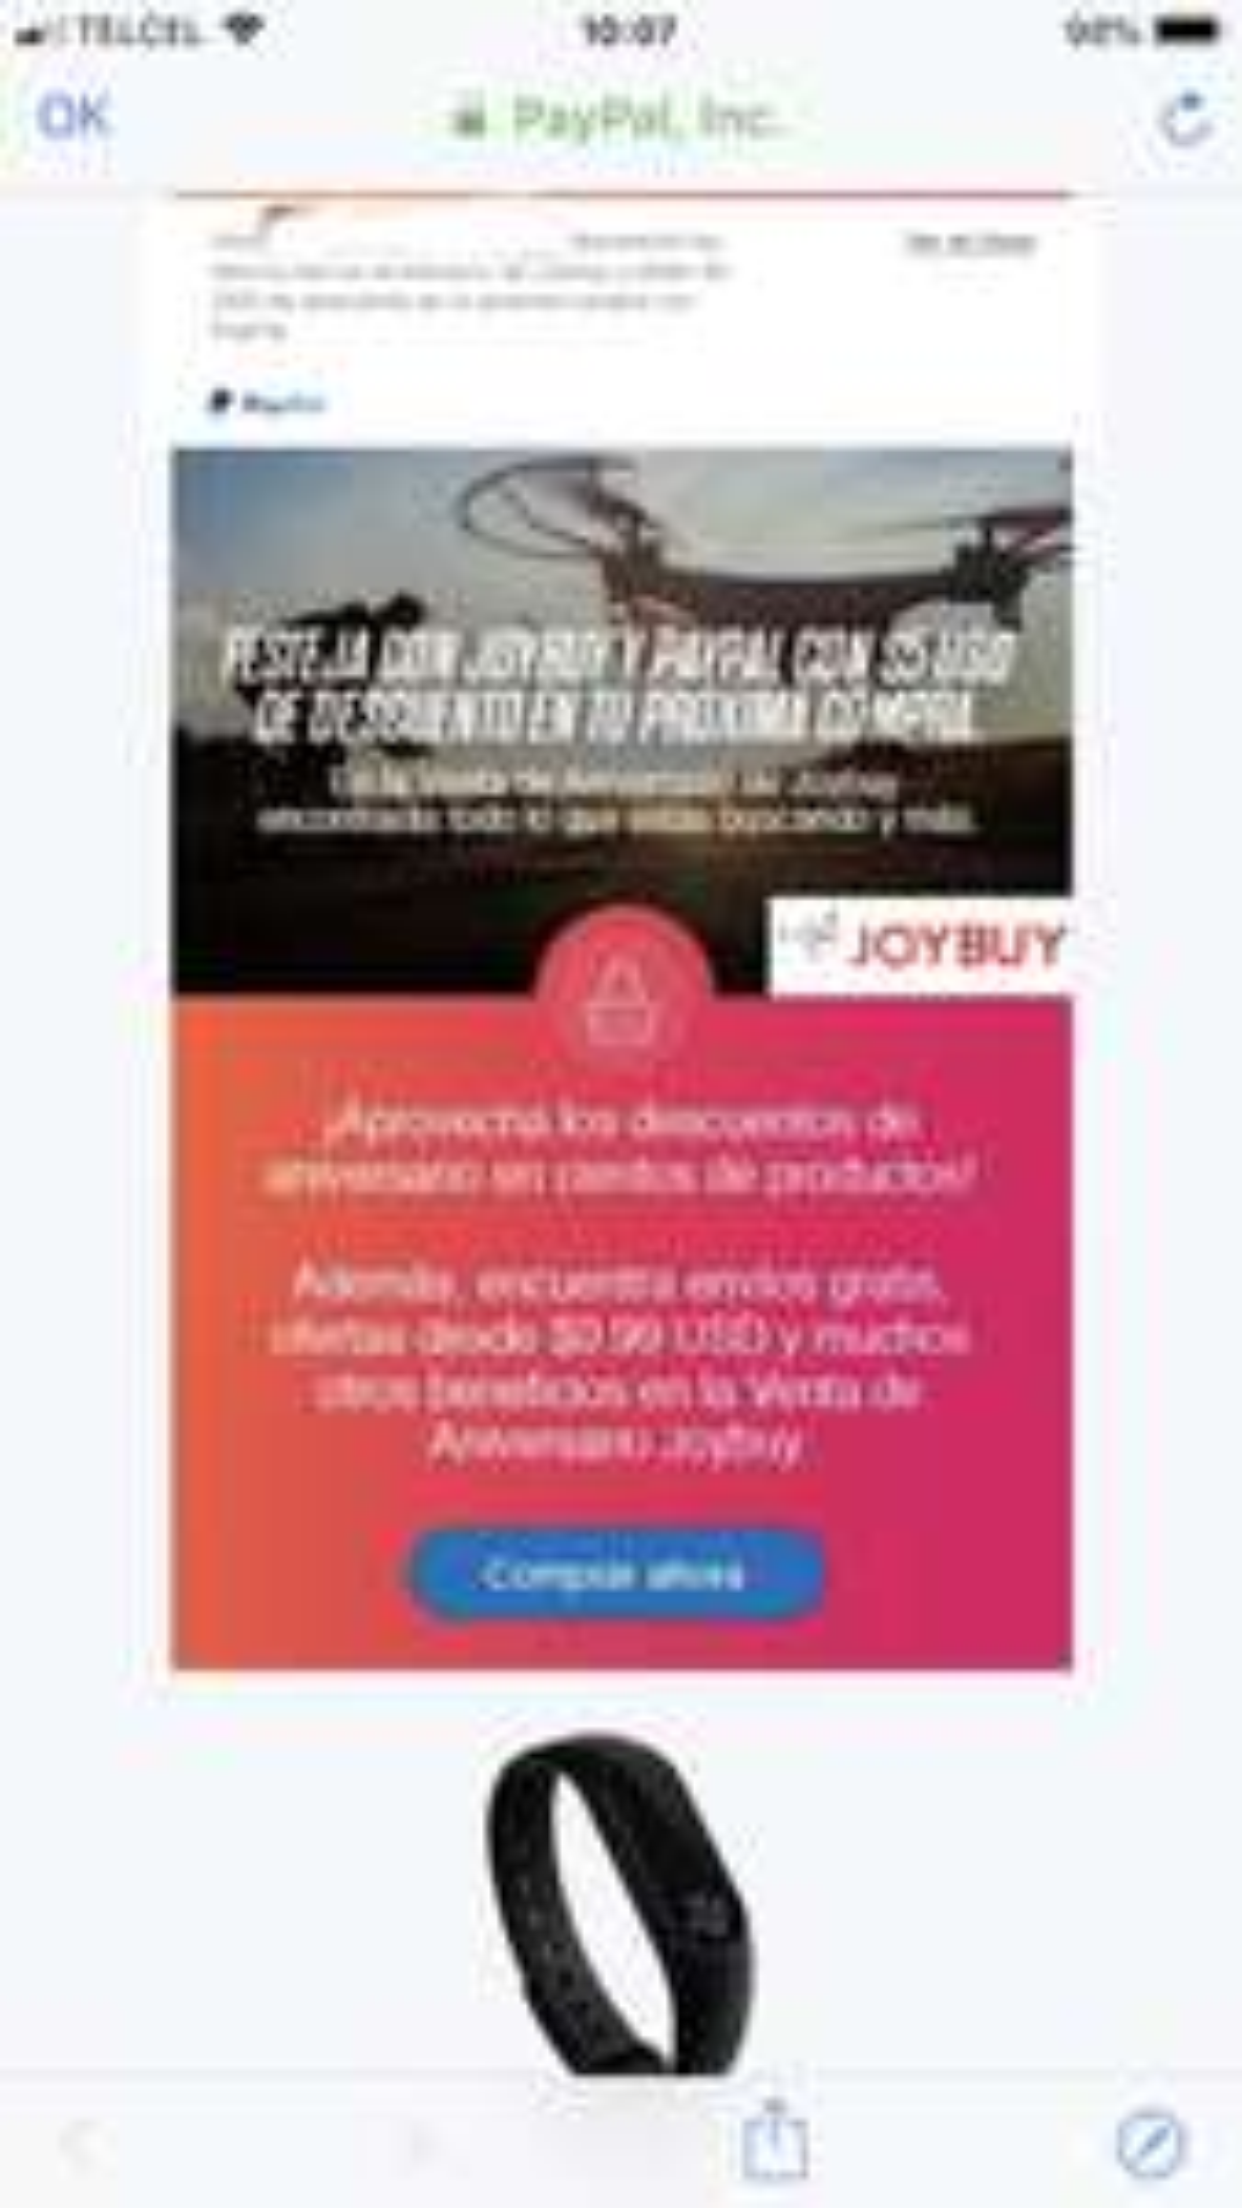 JoyBuy: Aprovecha los descuentos de Aniversario de Joybuy y obtén $5 USD de descuento en tu próxima compra con PayPal.